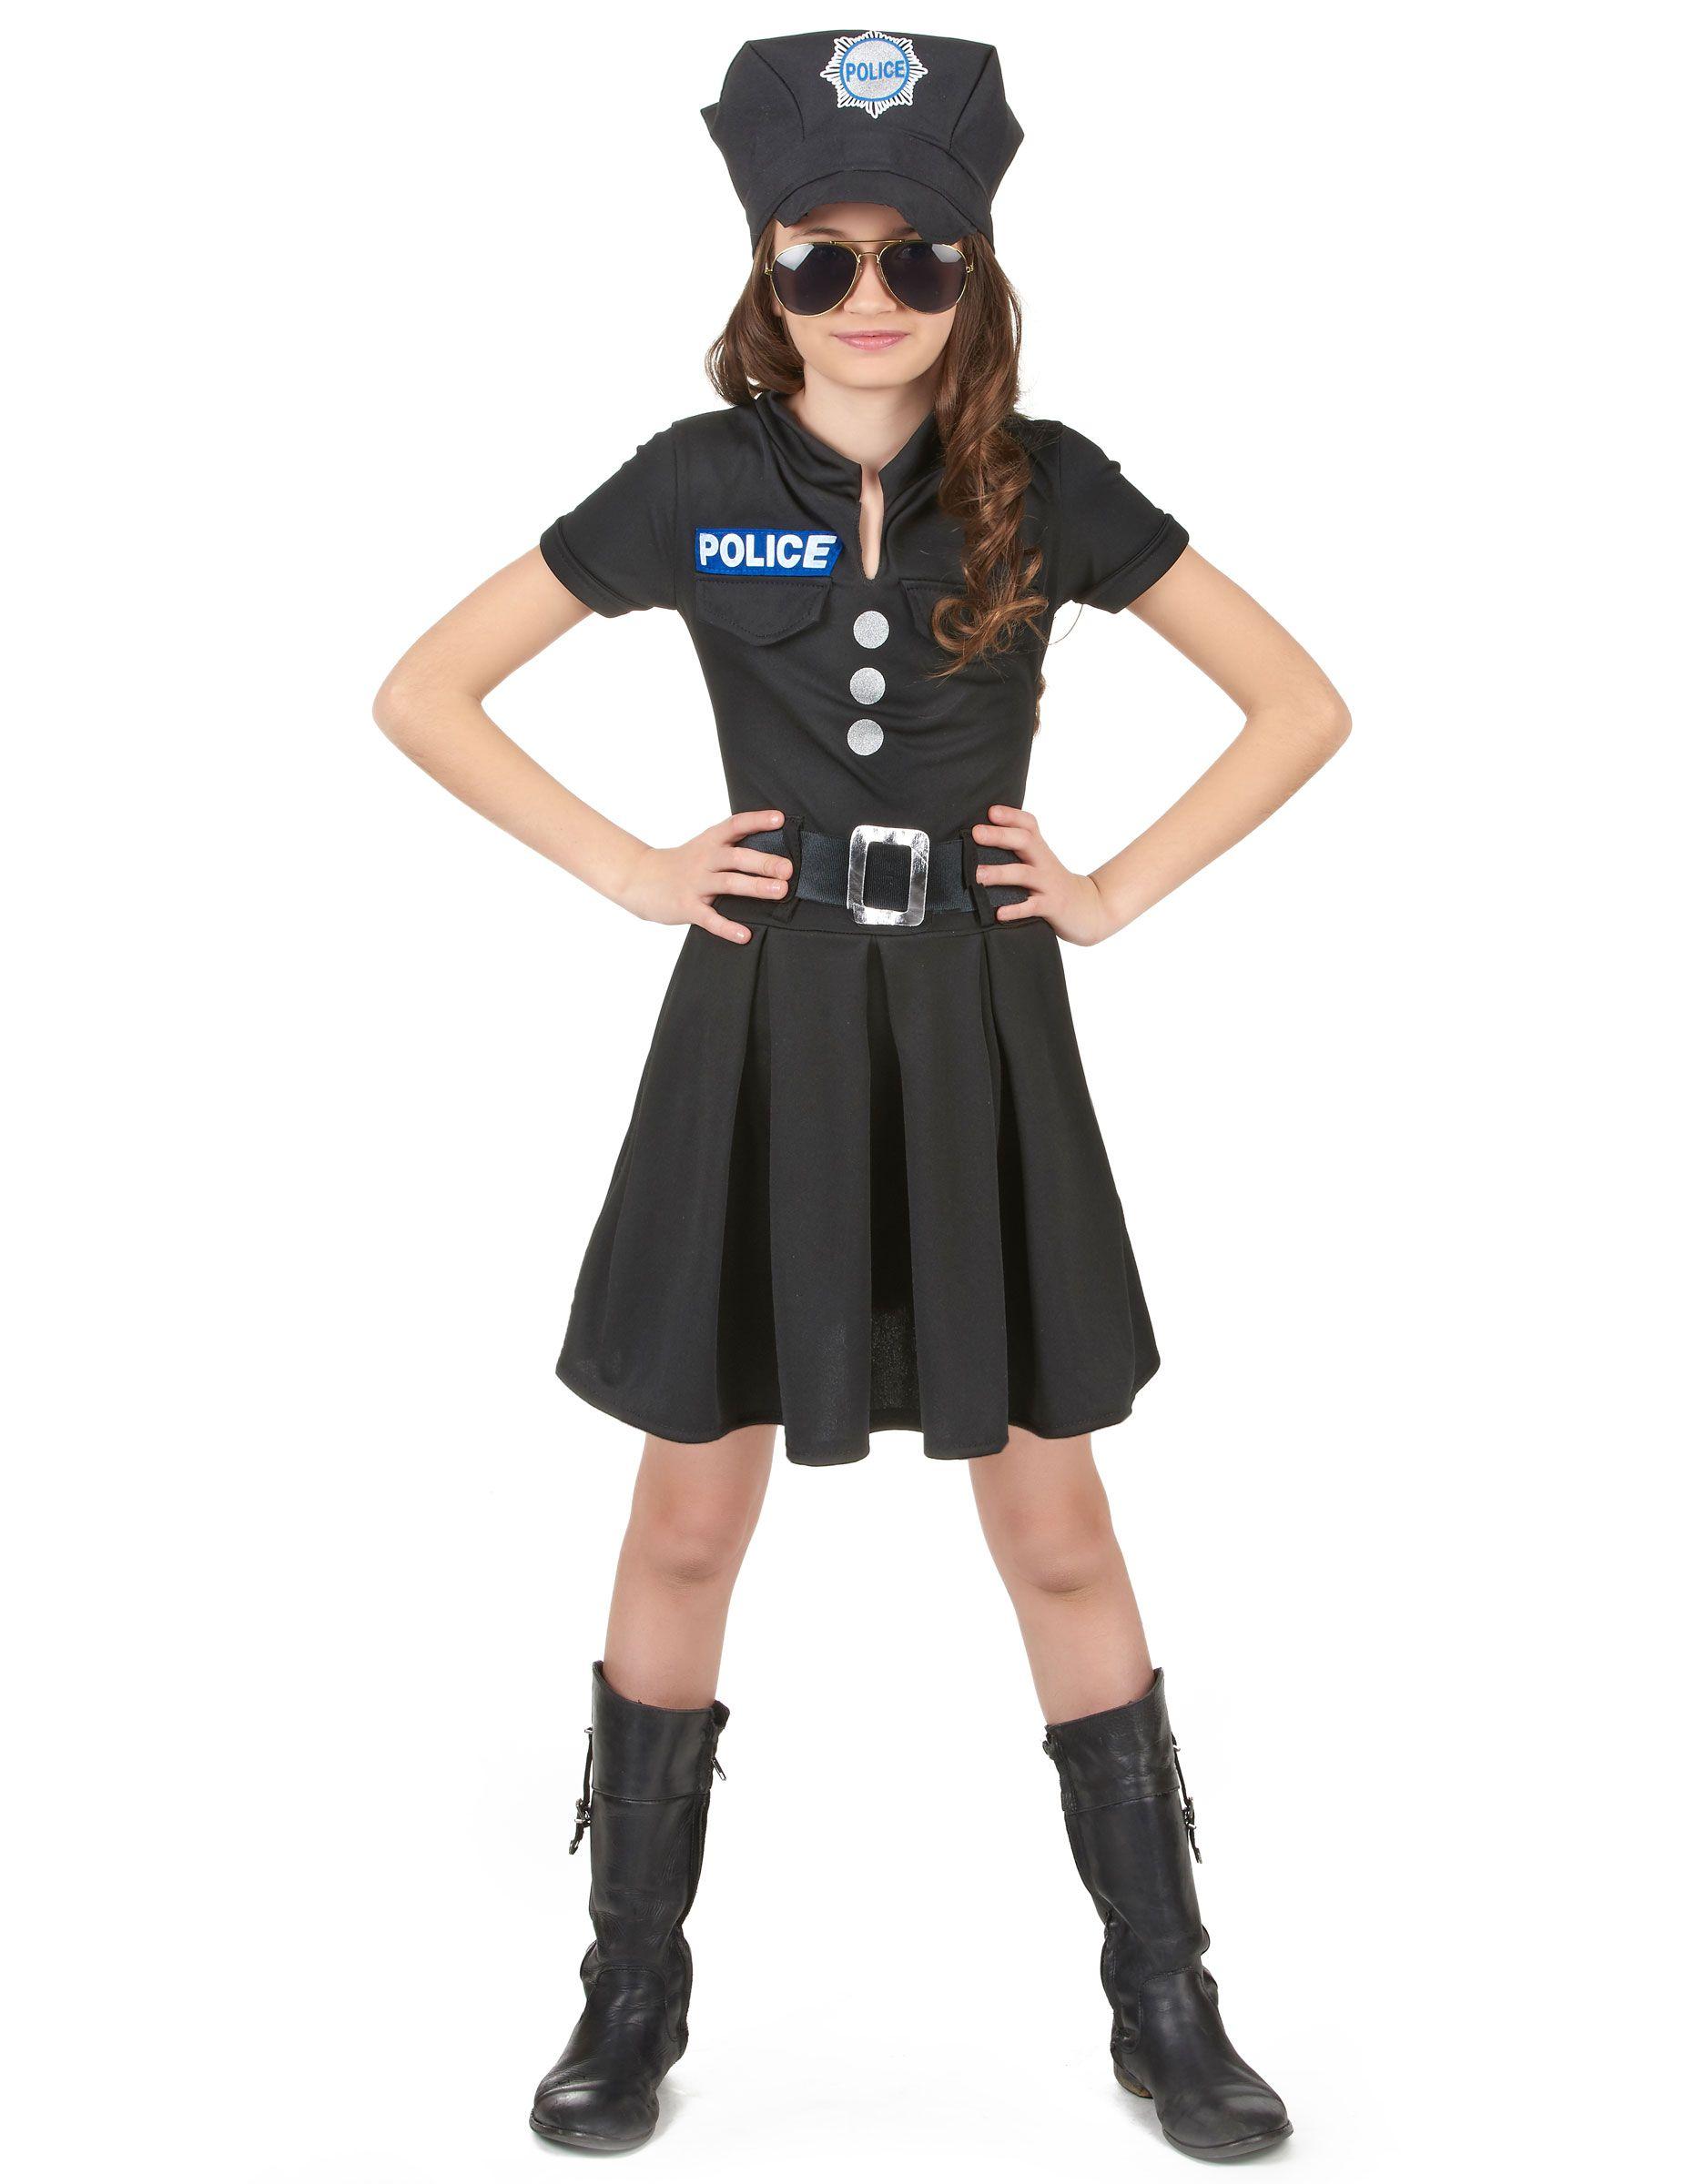 buona reputazione moda di lusso vendita online Costume da poliziotta bambina | costumi carnevaleschi nel ...